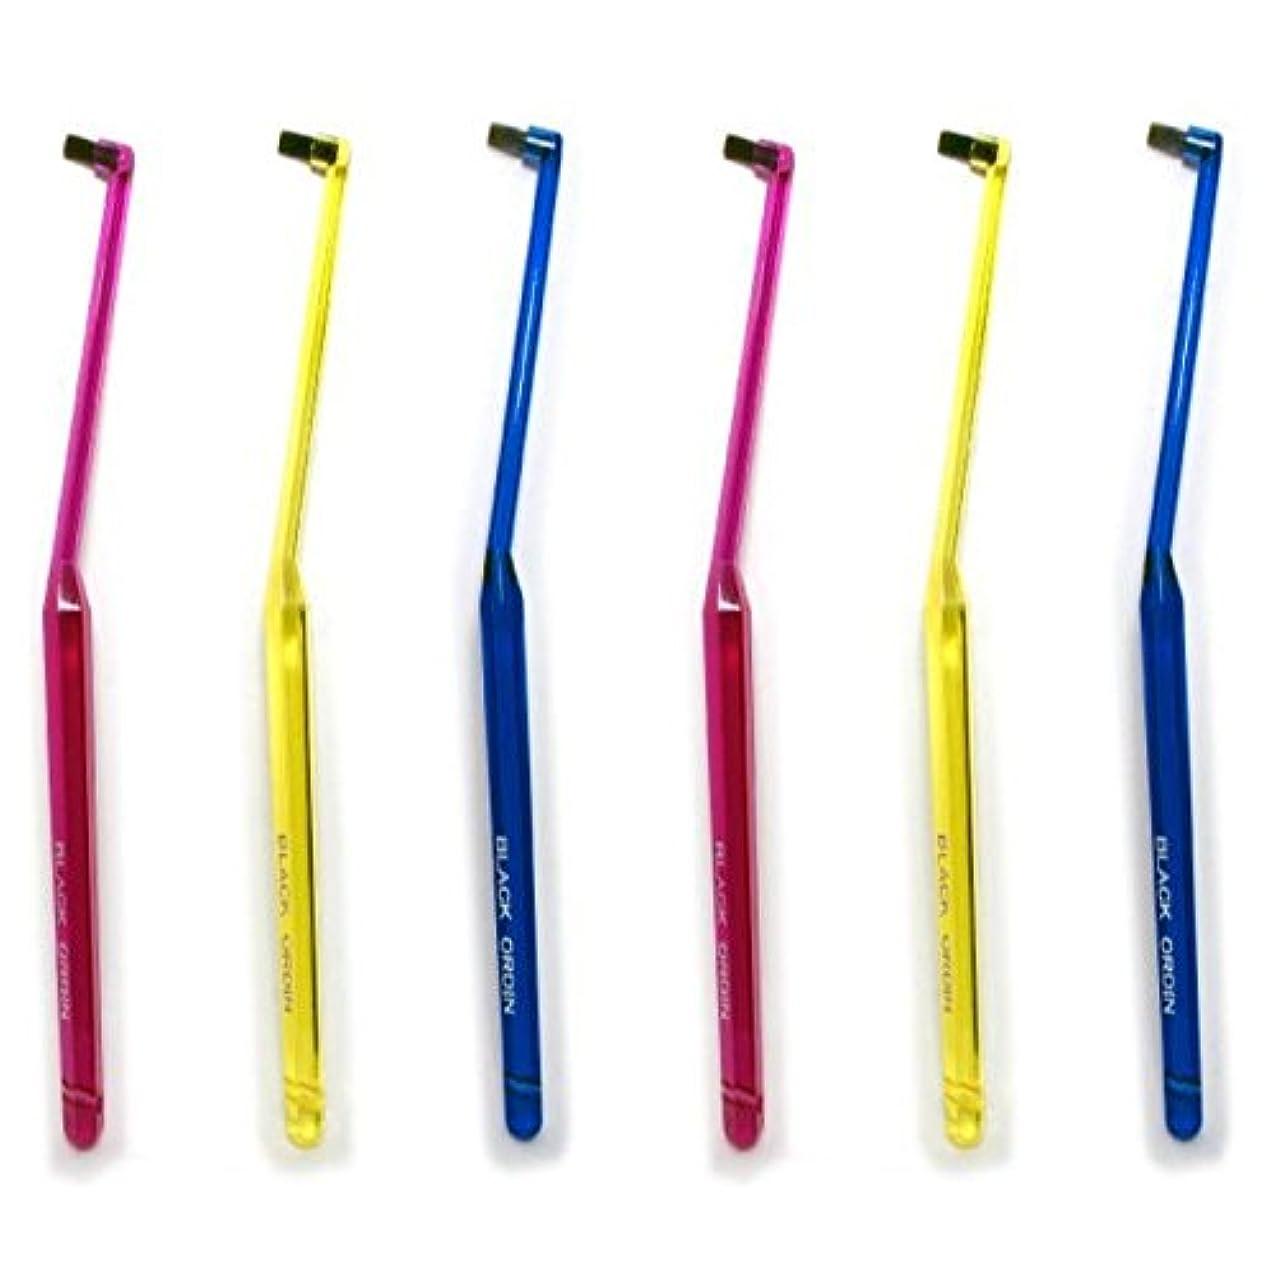 生息地濃度わかりやすいワンタフトブラシ ブラックオーディン ワンタフト×6本セット 部分用歯ブラシ 歯磨き 歯ブラシ